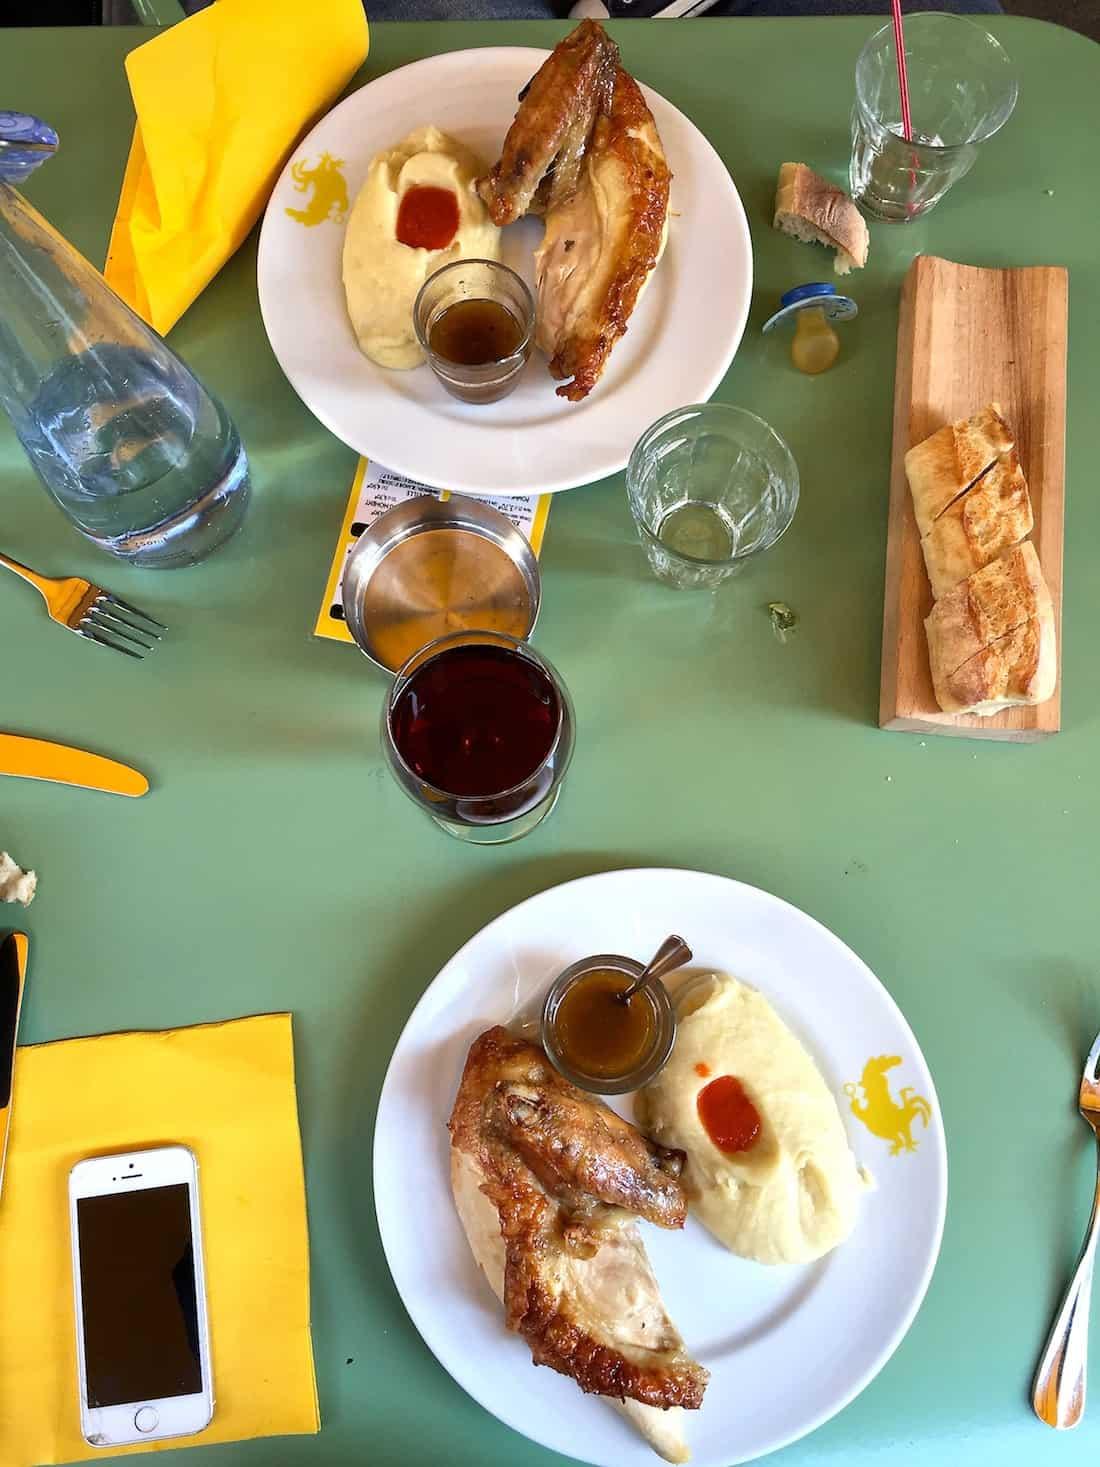 poulet-puree-boulogne-boulogne-paris